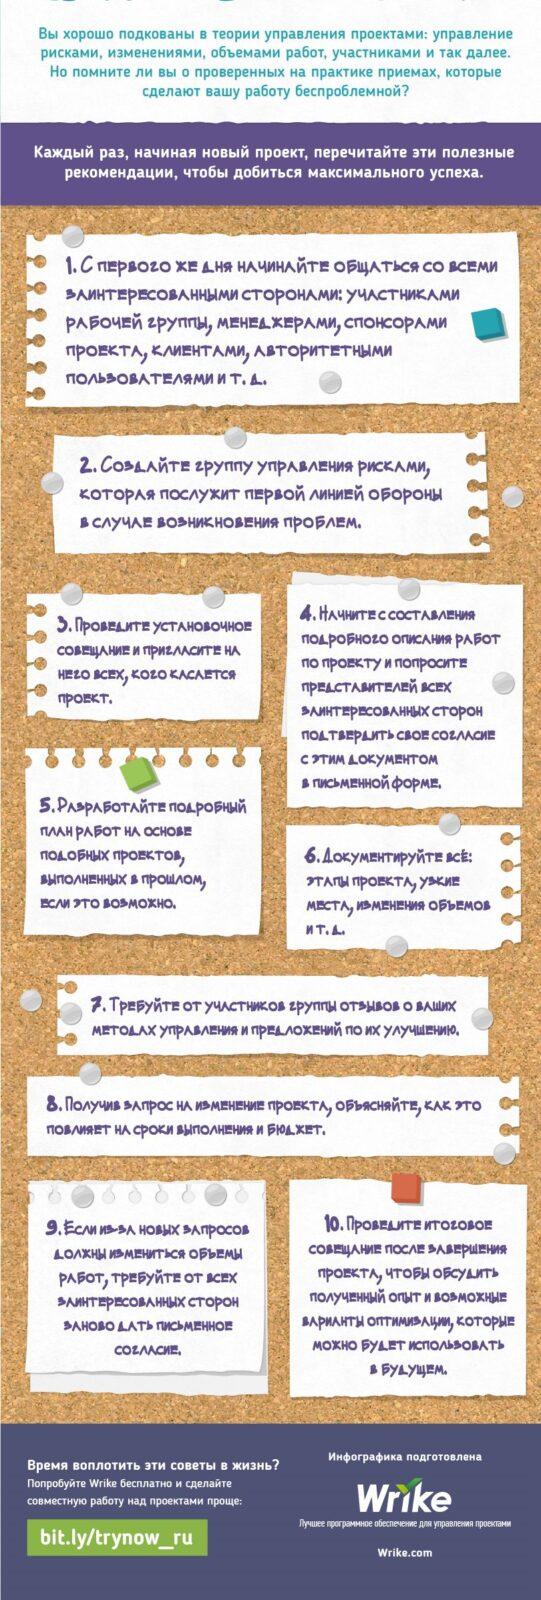 Памятка: Десять практических рекомендаций по управлению проектами